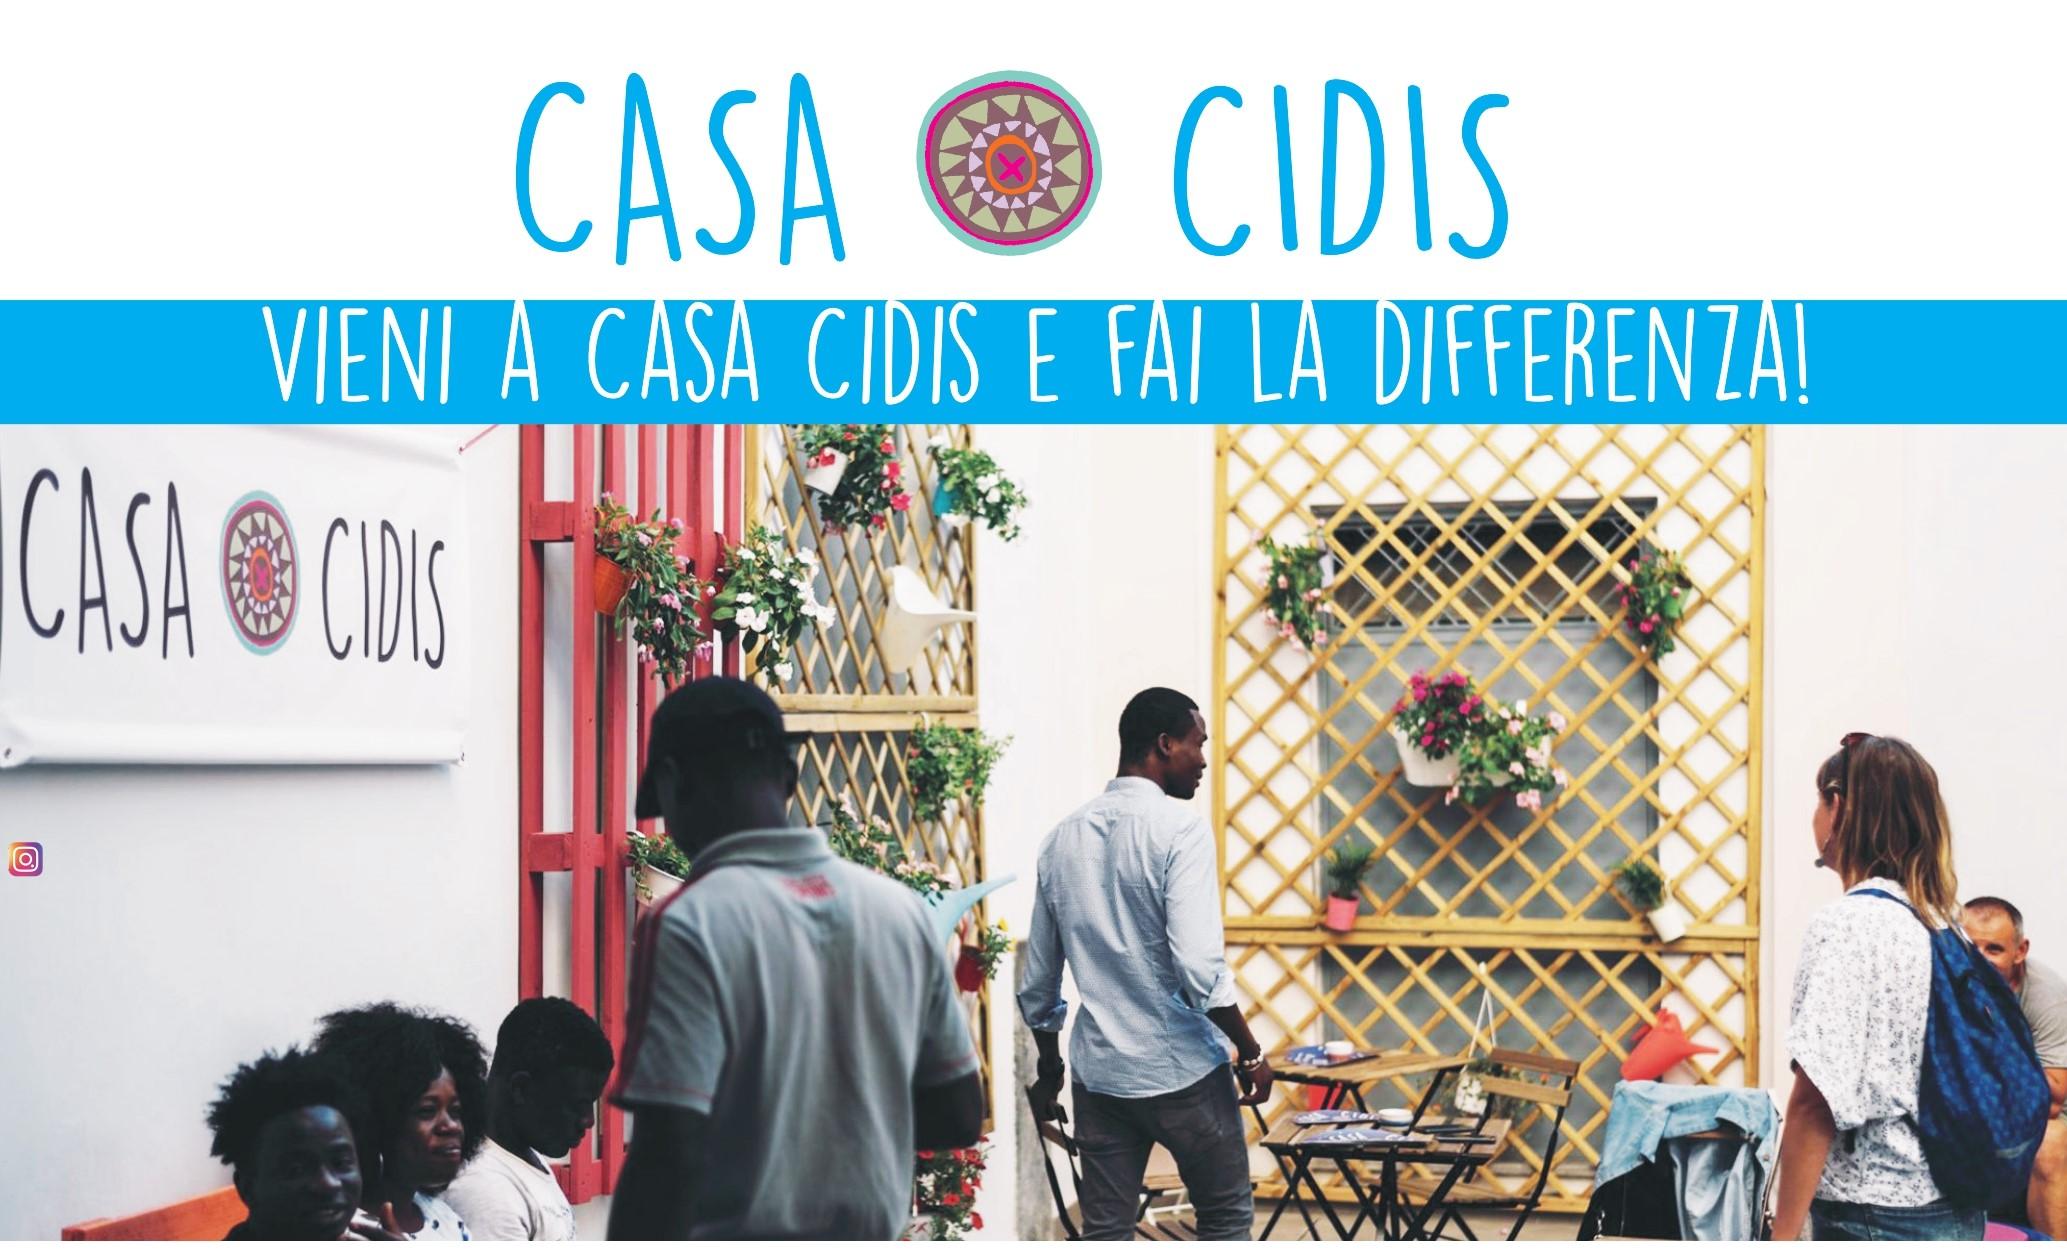 """""""Vieni a Casa Cidis e fai la differenza!"""": mercoledì 6 ottobre alle ore 17.00"""